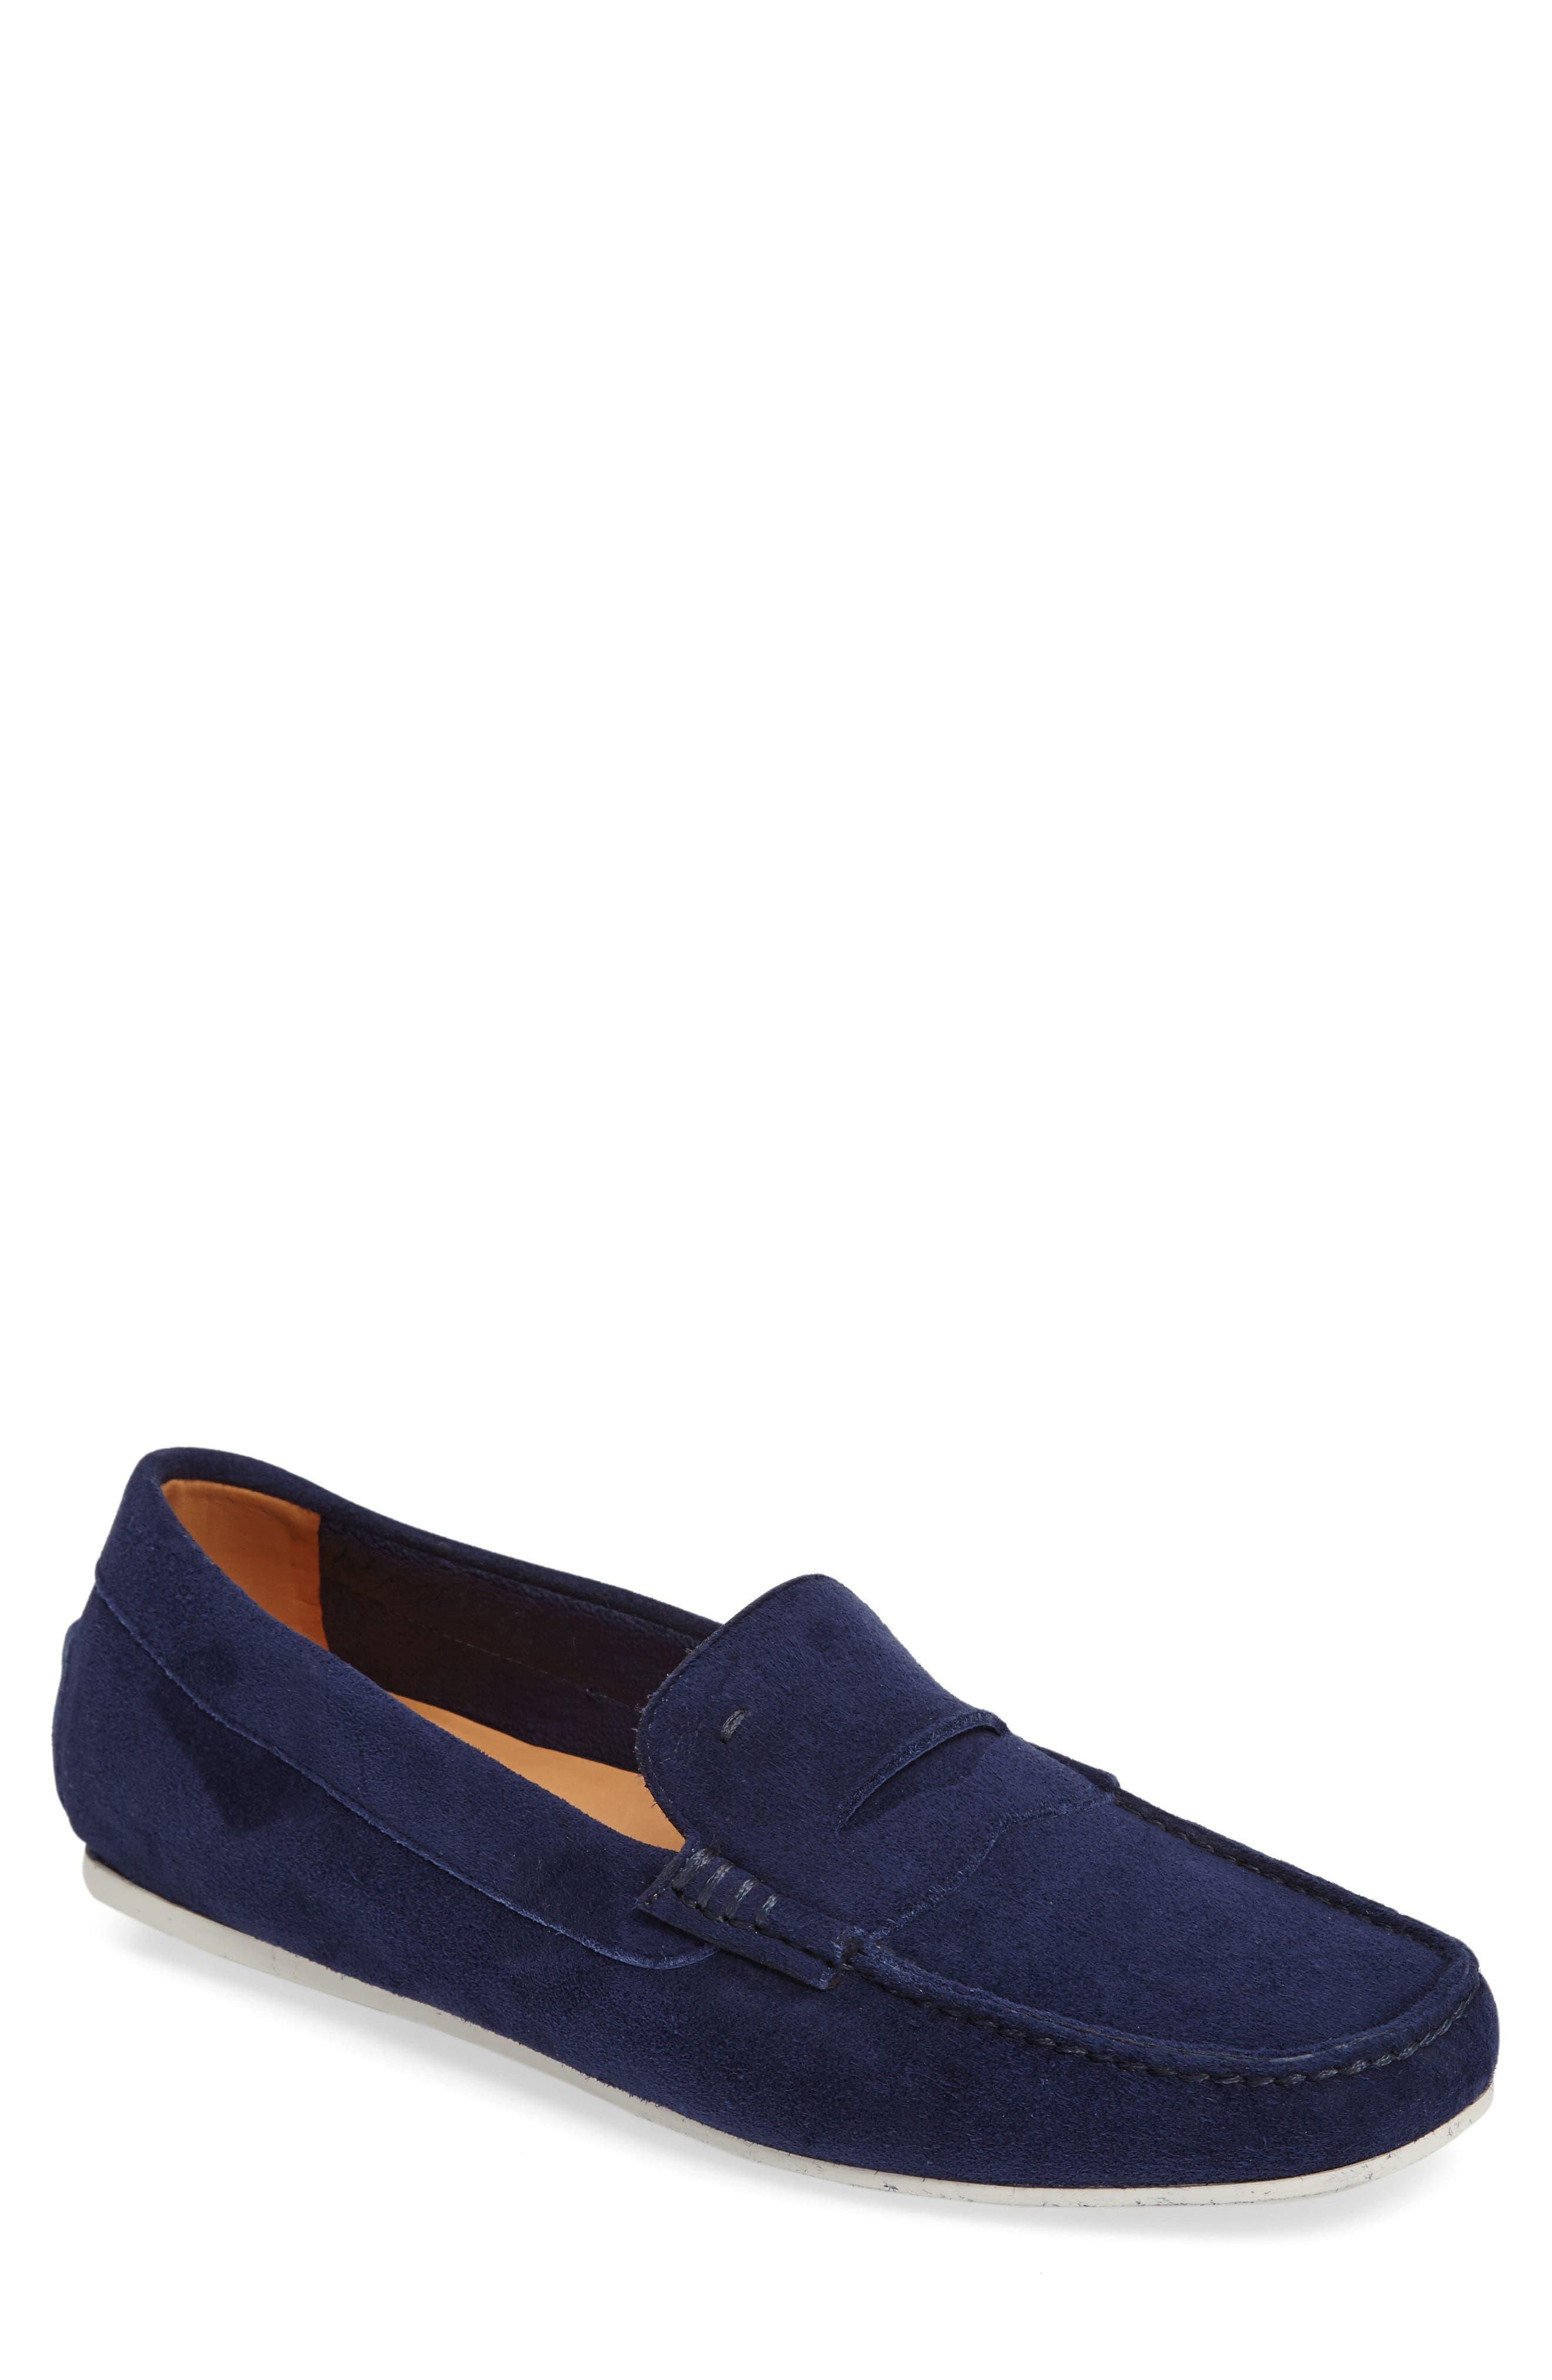 'Tanton' Driving Shoe,                         Main,                         color, Blue Suede